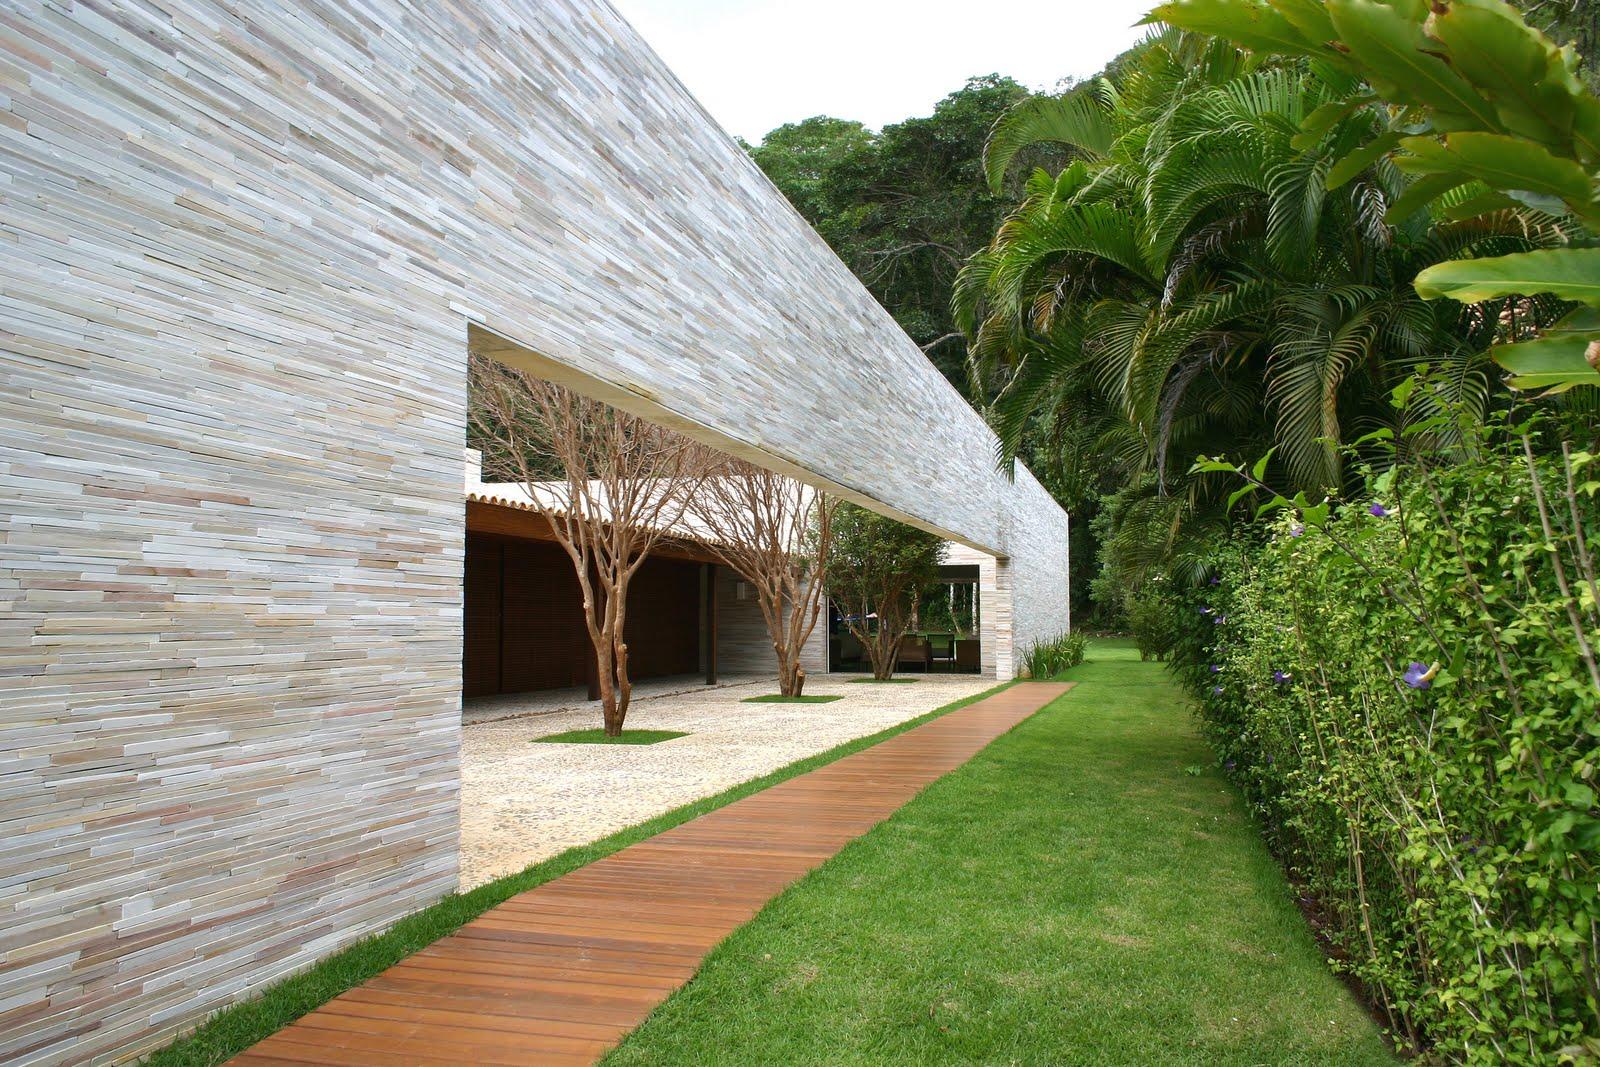 Casa du plessis de mk27 arquitectura y dise o los for Los mejores disenos de interiores del mundo